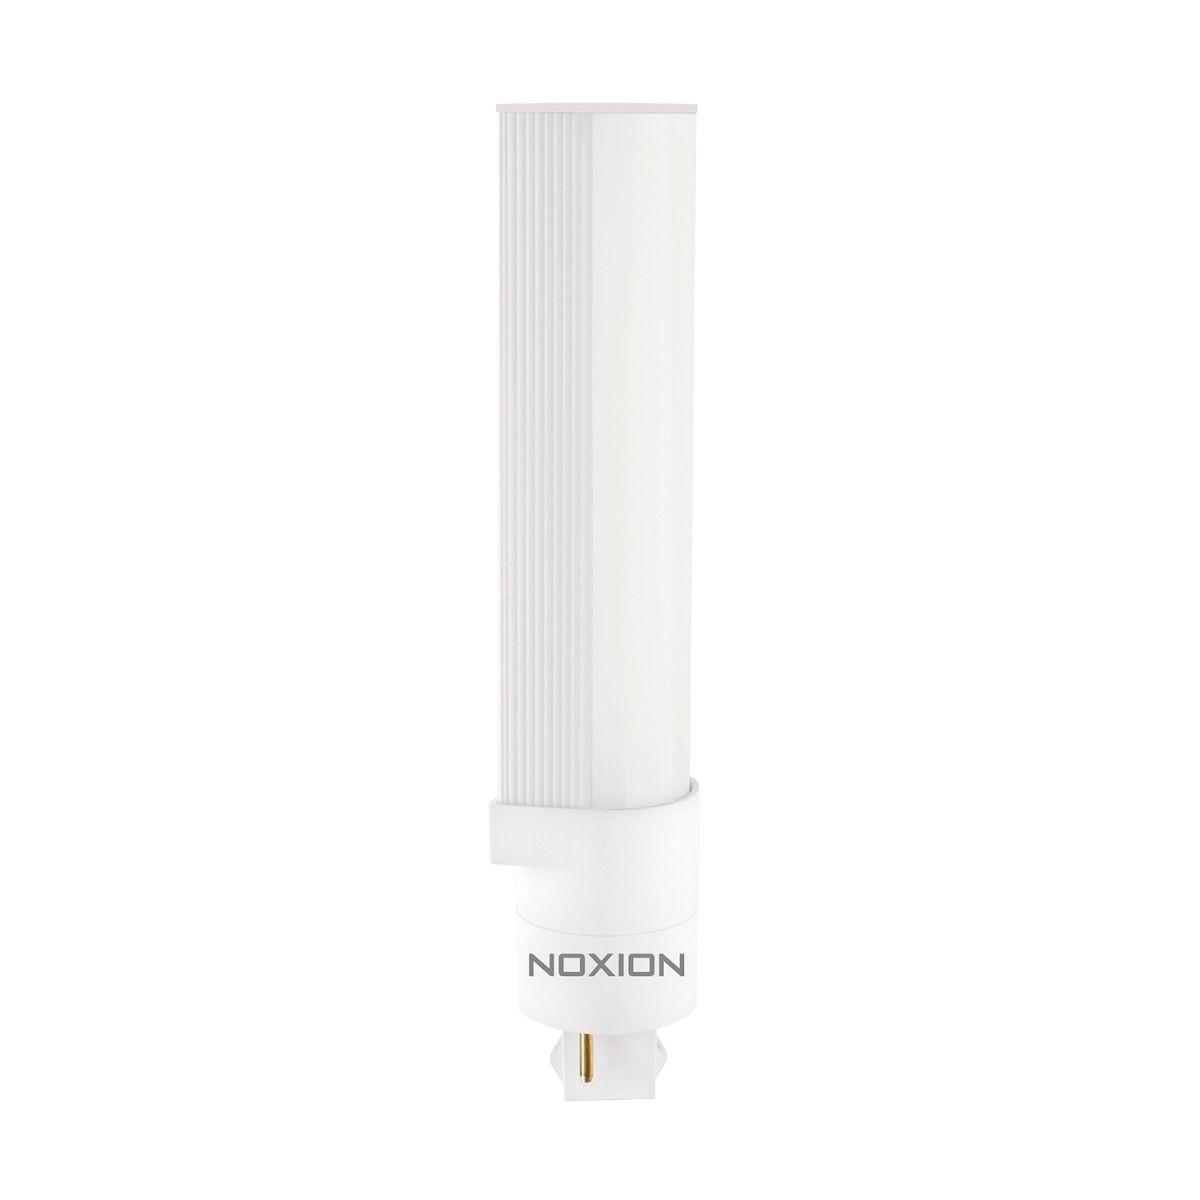 Noxion PL-C